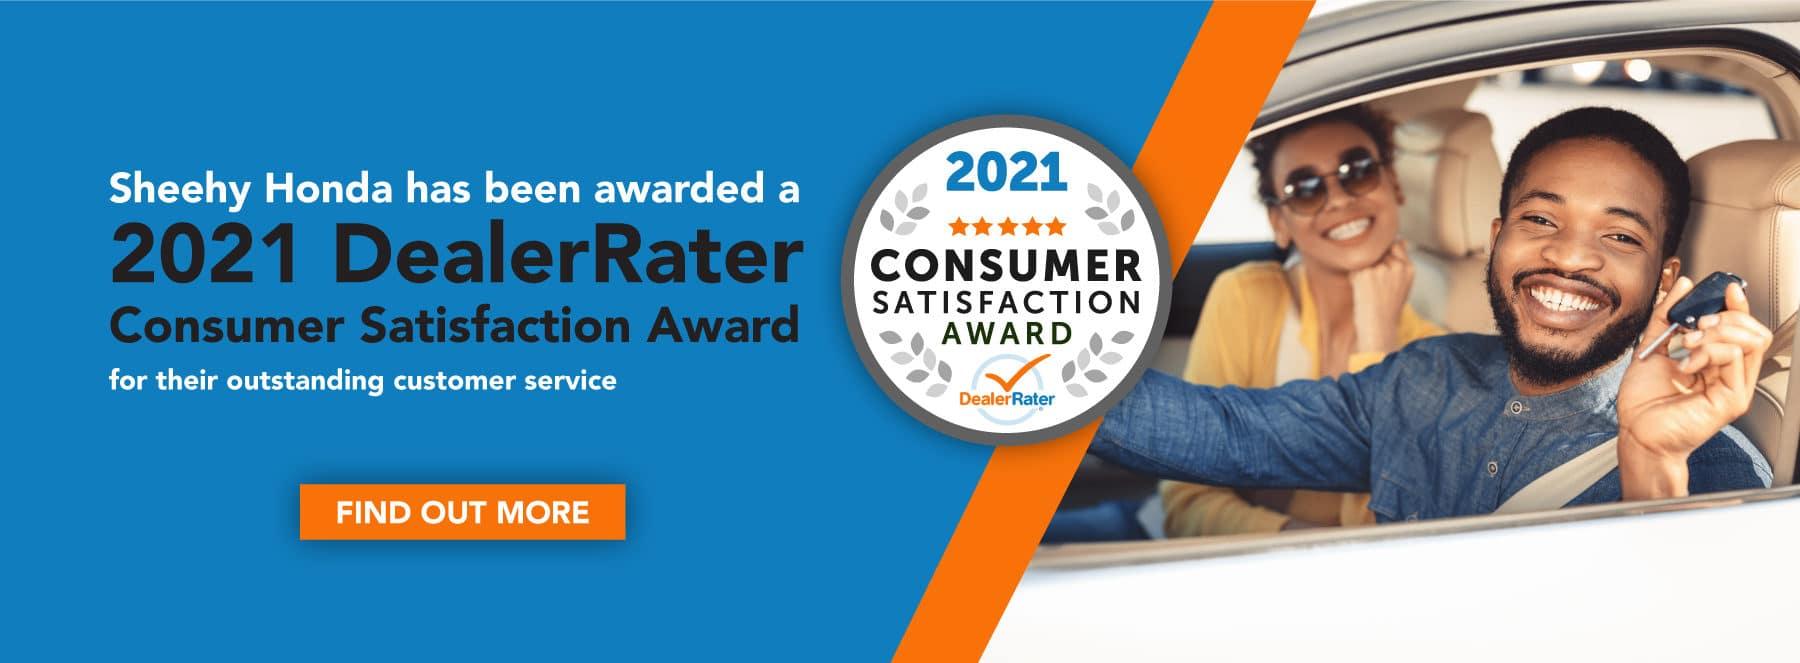 AX-JAN2021-dealerrater-award-1800×663-webslider